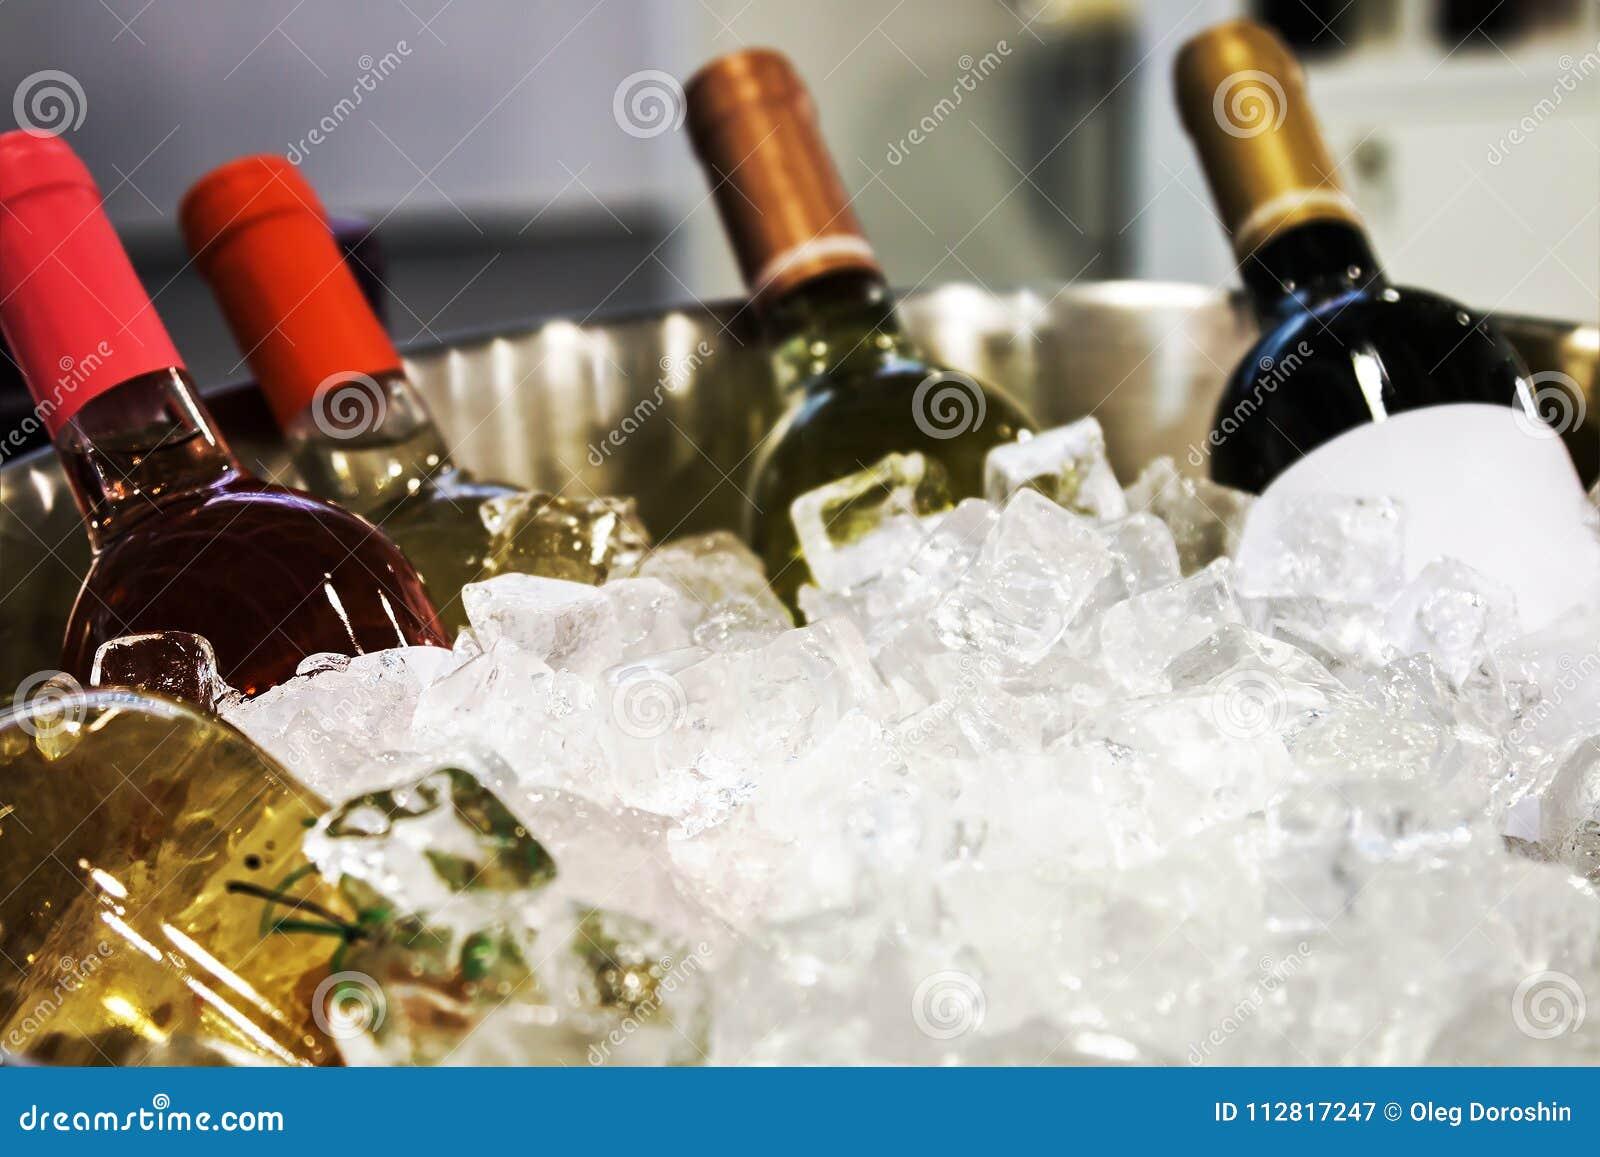 Bottiglie di vino nel ghiaccio all assaggio